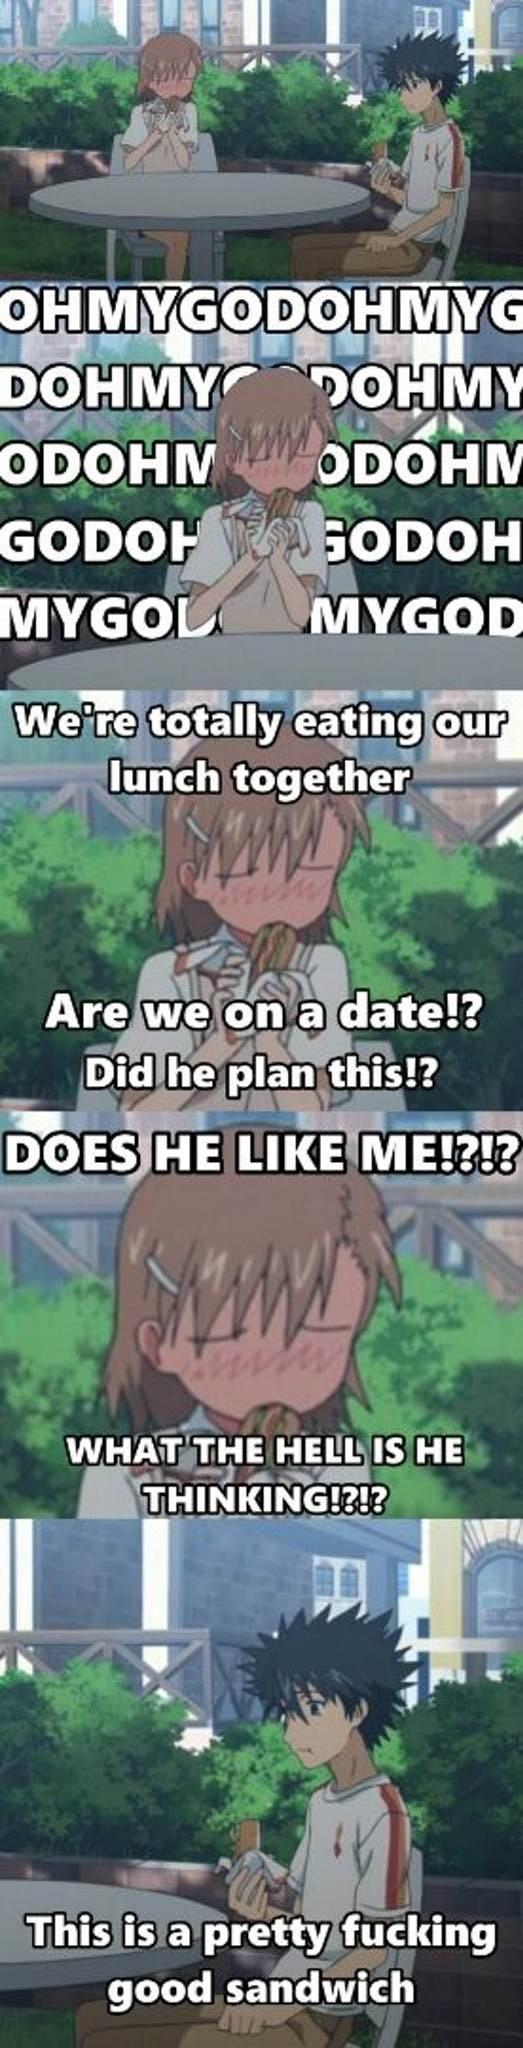 Lunch - meme